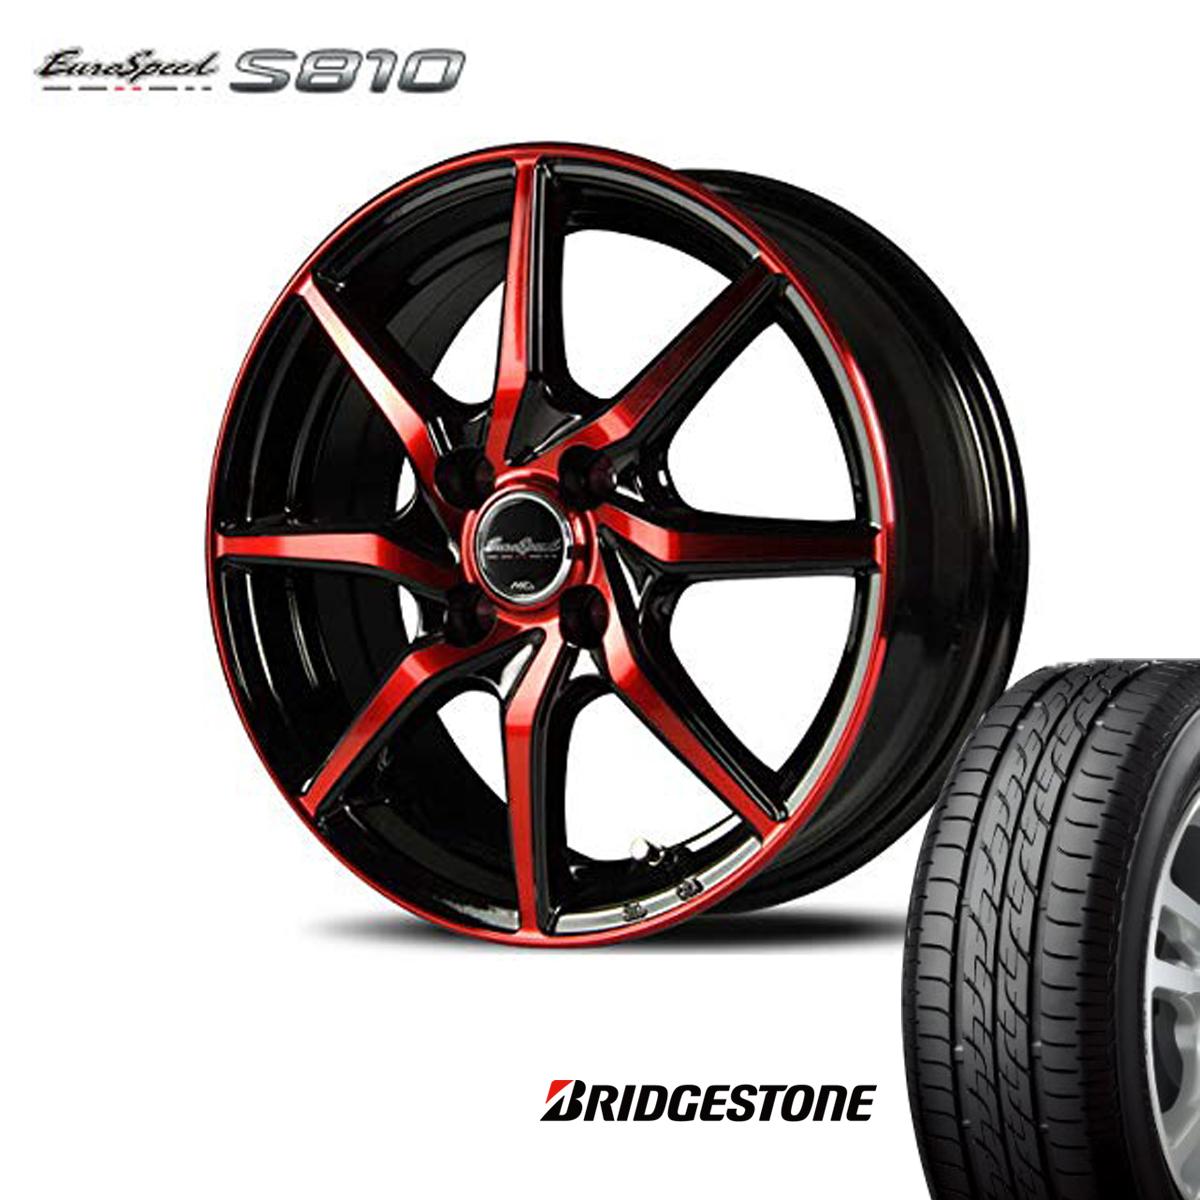 Euro Speed タイヤ ホイール セット 1本 14インチ 4H100 5.5J+45 ユーロスピード S810 マナレイ スポーツ ブリヂストン 175/70R14 175 70 14